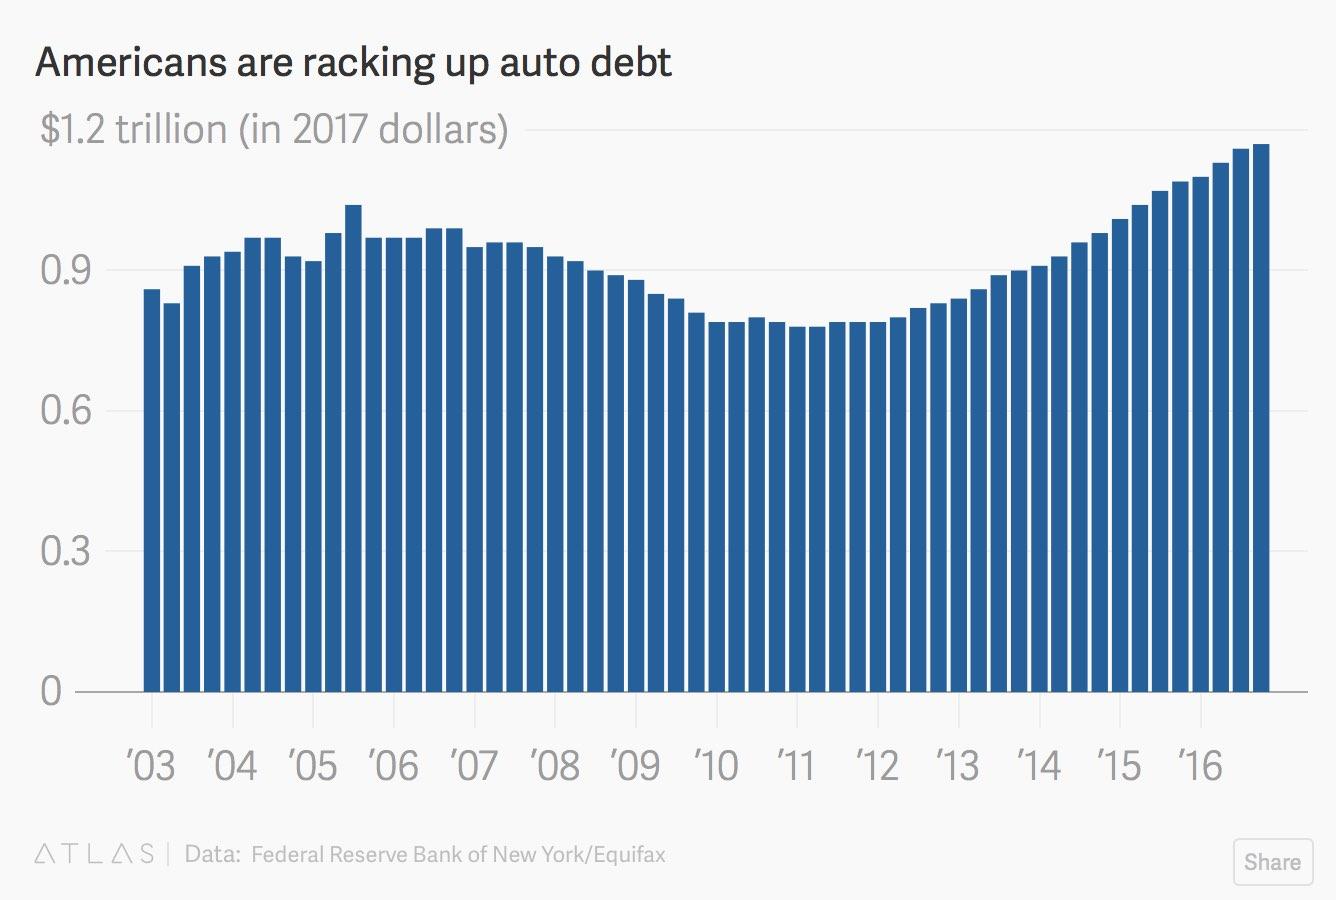 auto-debt-increasing-2017